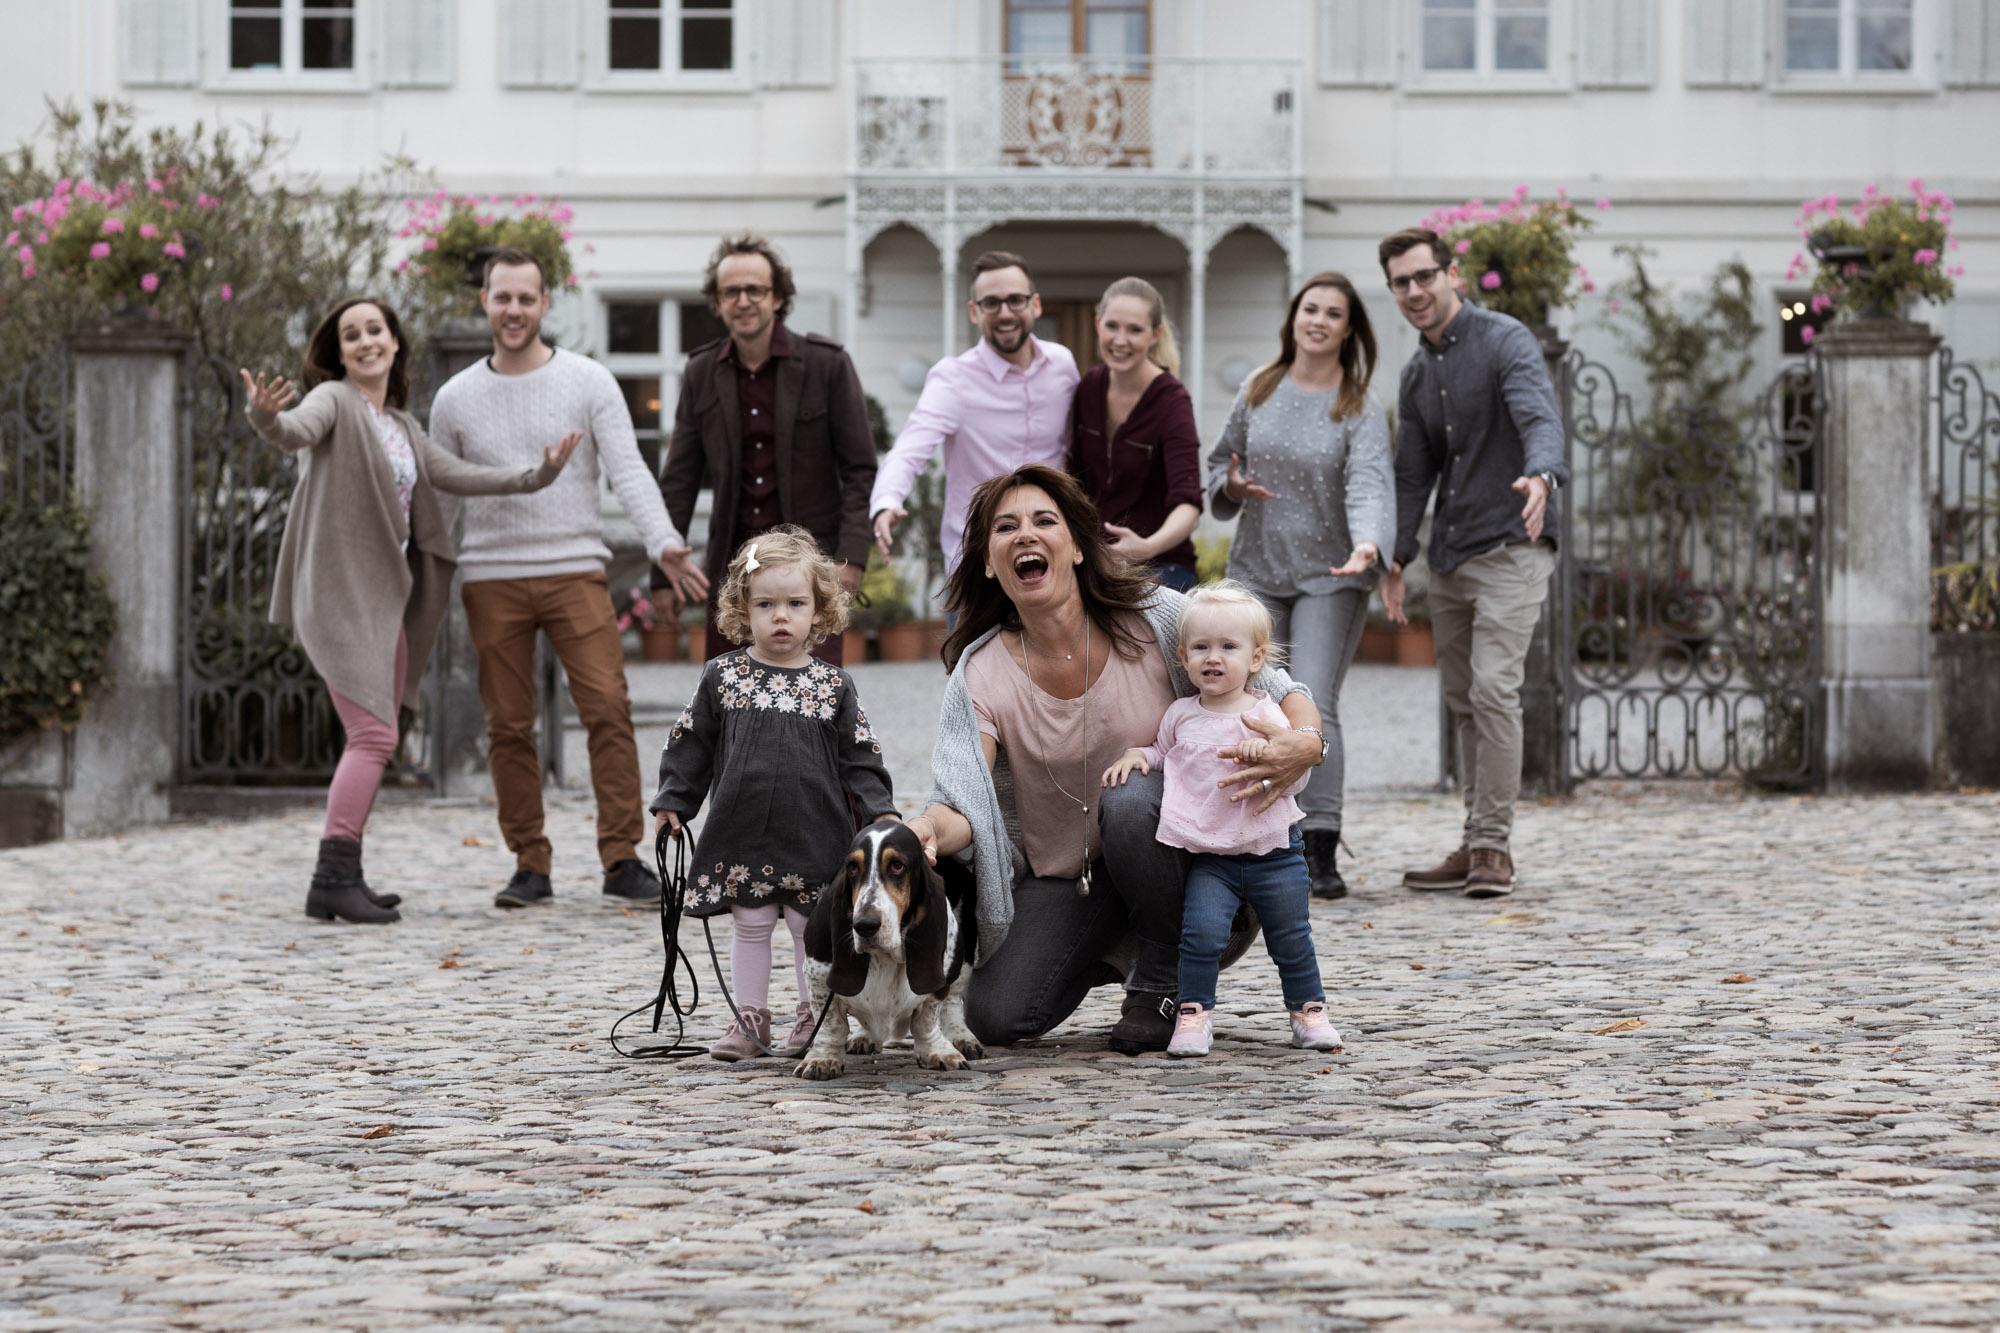 Grossfamilien Fotoshooting in Basel - Generationen Fotoshooting - Oma mit ihren Enkelkinder